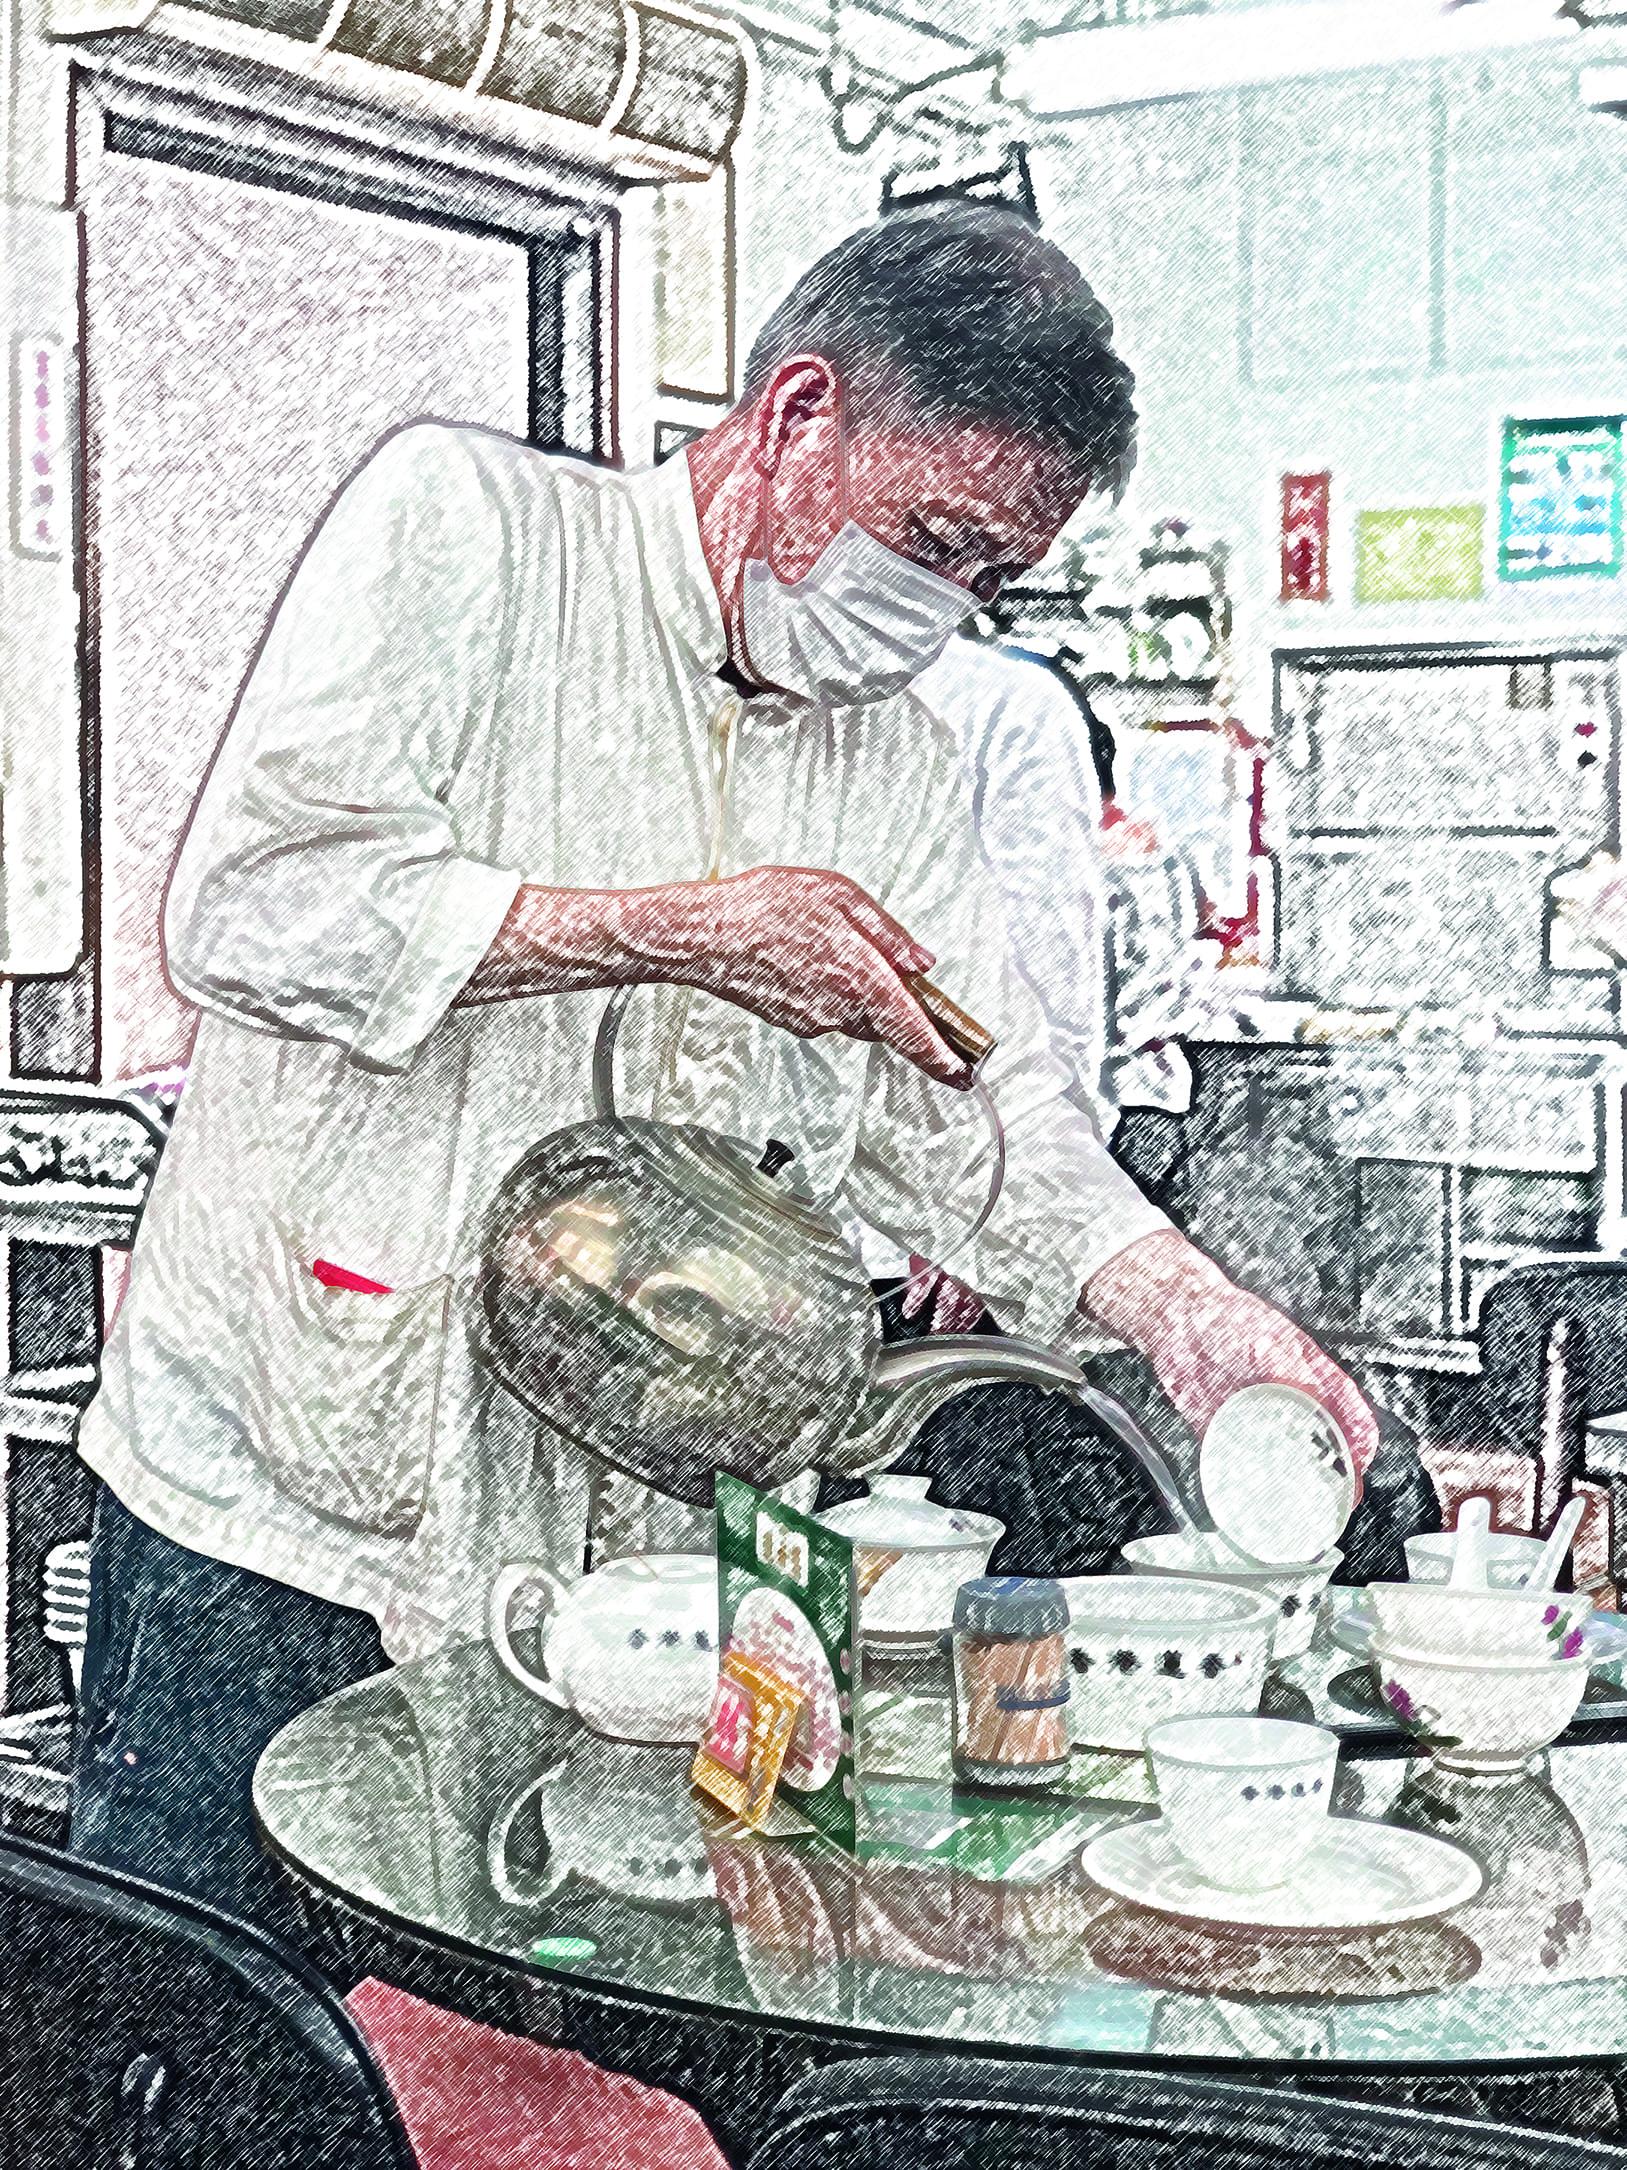 蓮香從廣州分支到香港已有百年歷史,陳設裝修、點心車仍然保留傳統,環境氣氛不是現在的連鎖茶樓可比。 (攝影:黃怡穎)